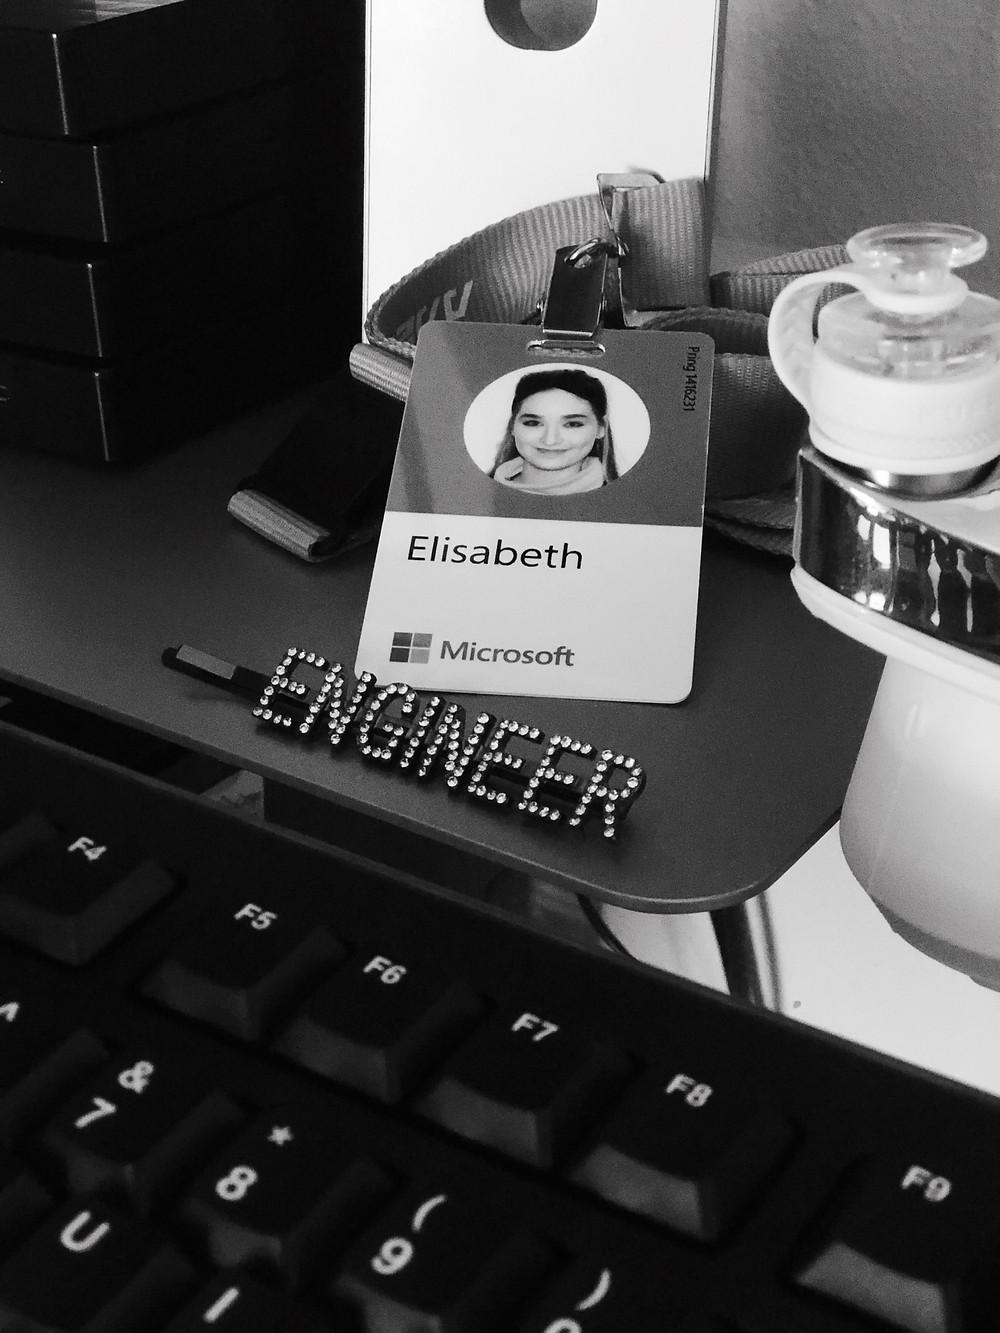 Elisabeth Pring with engineer crystal hair pin